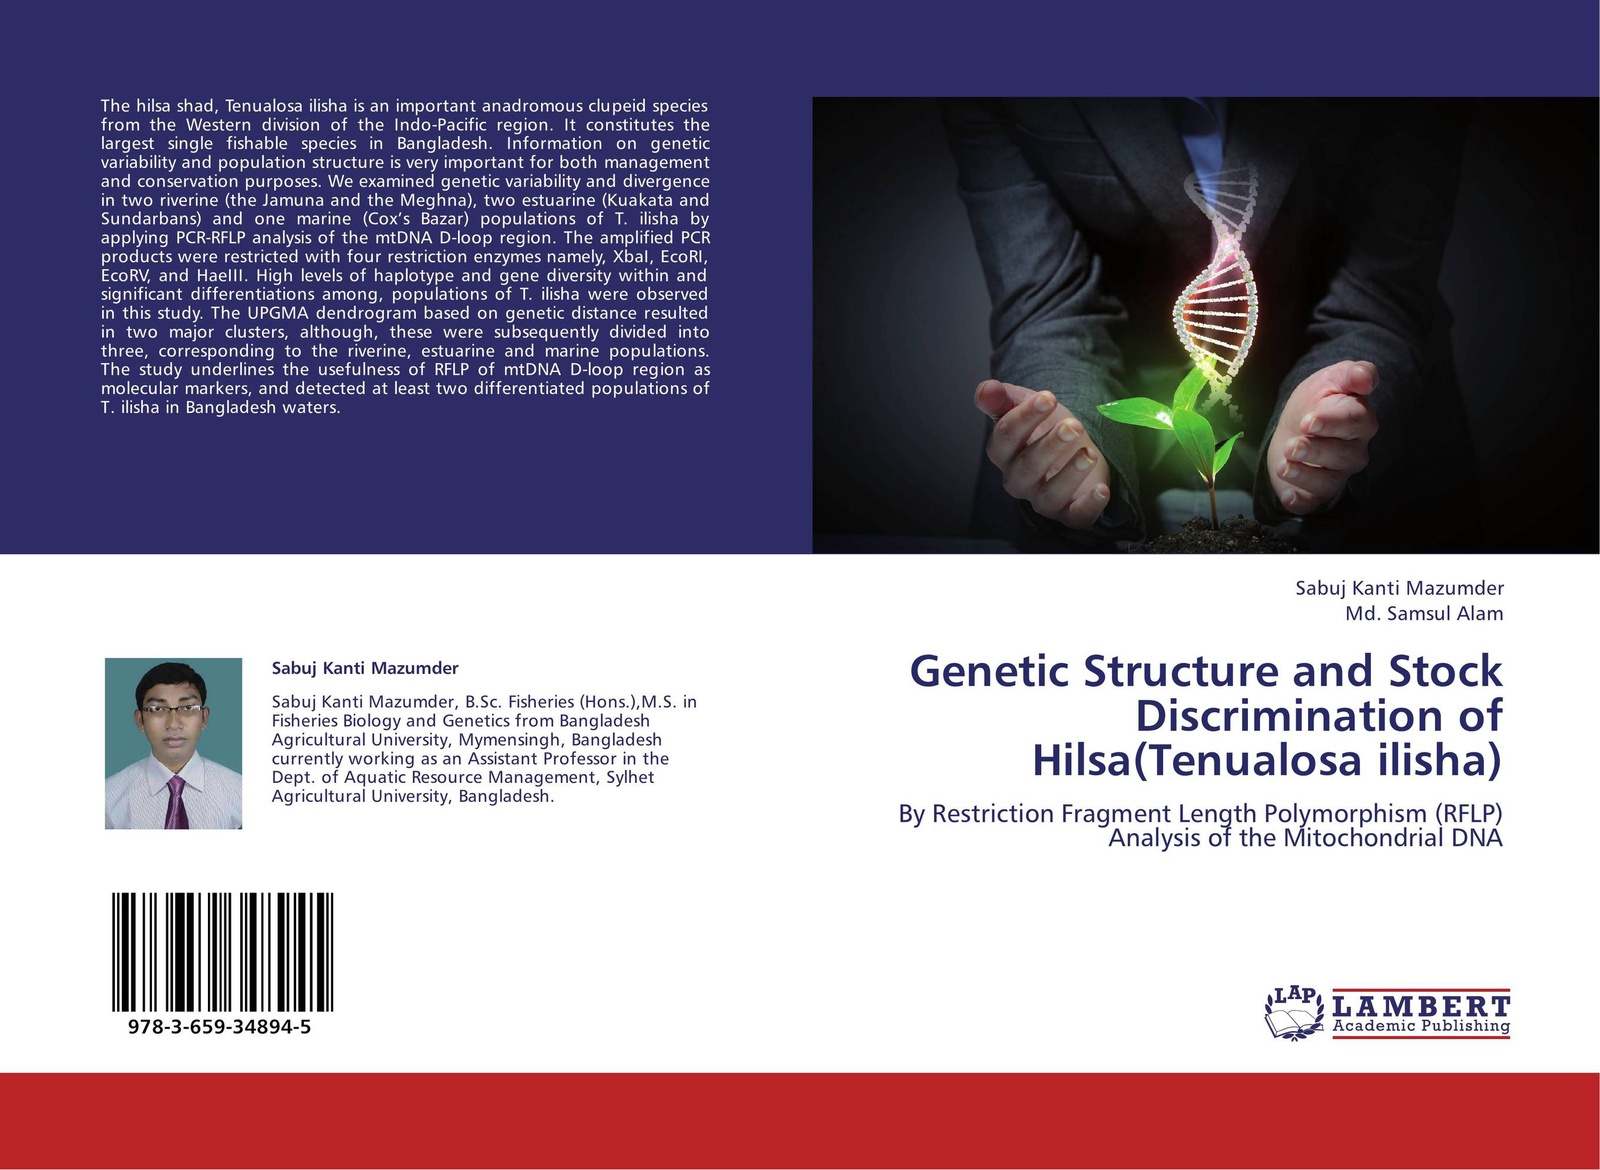 Sabuj Kanti Mazumder and Md. Samsul Alam Genetic Structure and Stock Discrimination of Hilsa(Tenualosa ilisha)